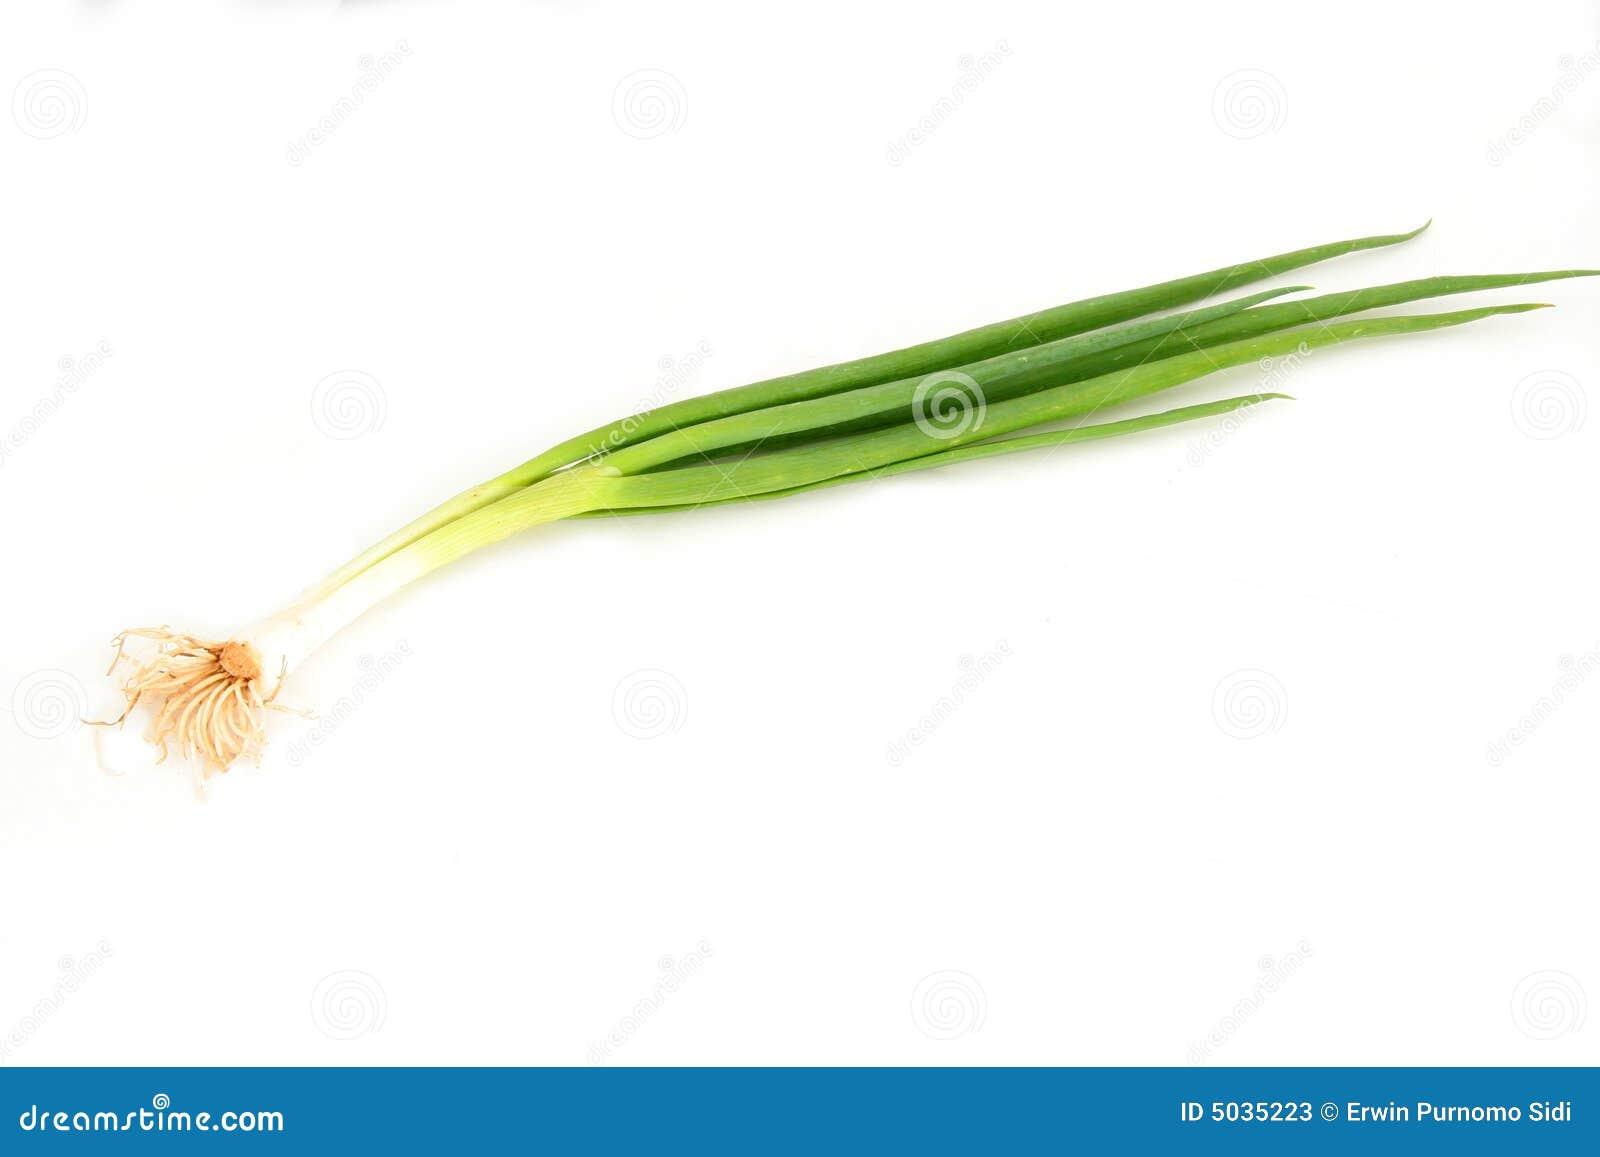 Scallion or spring onion